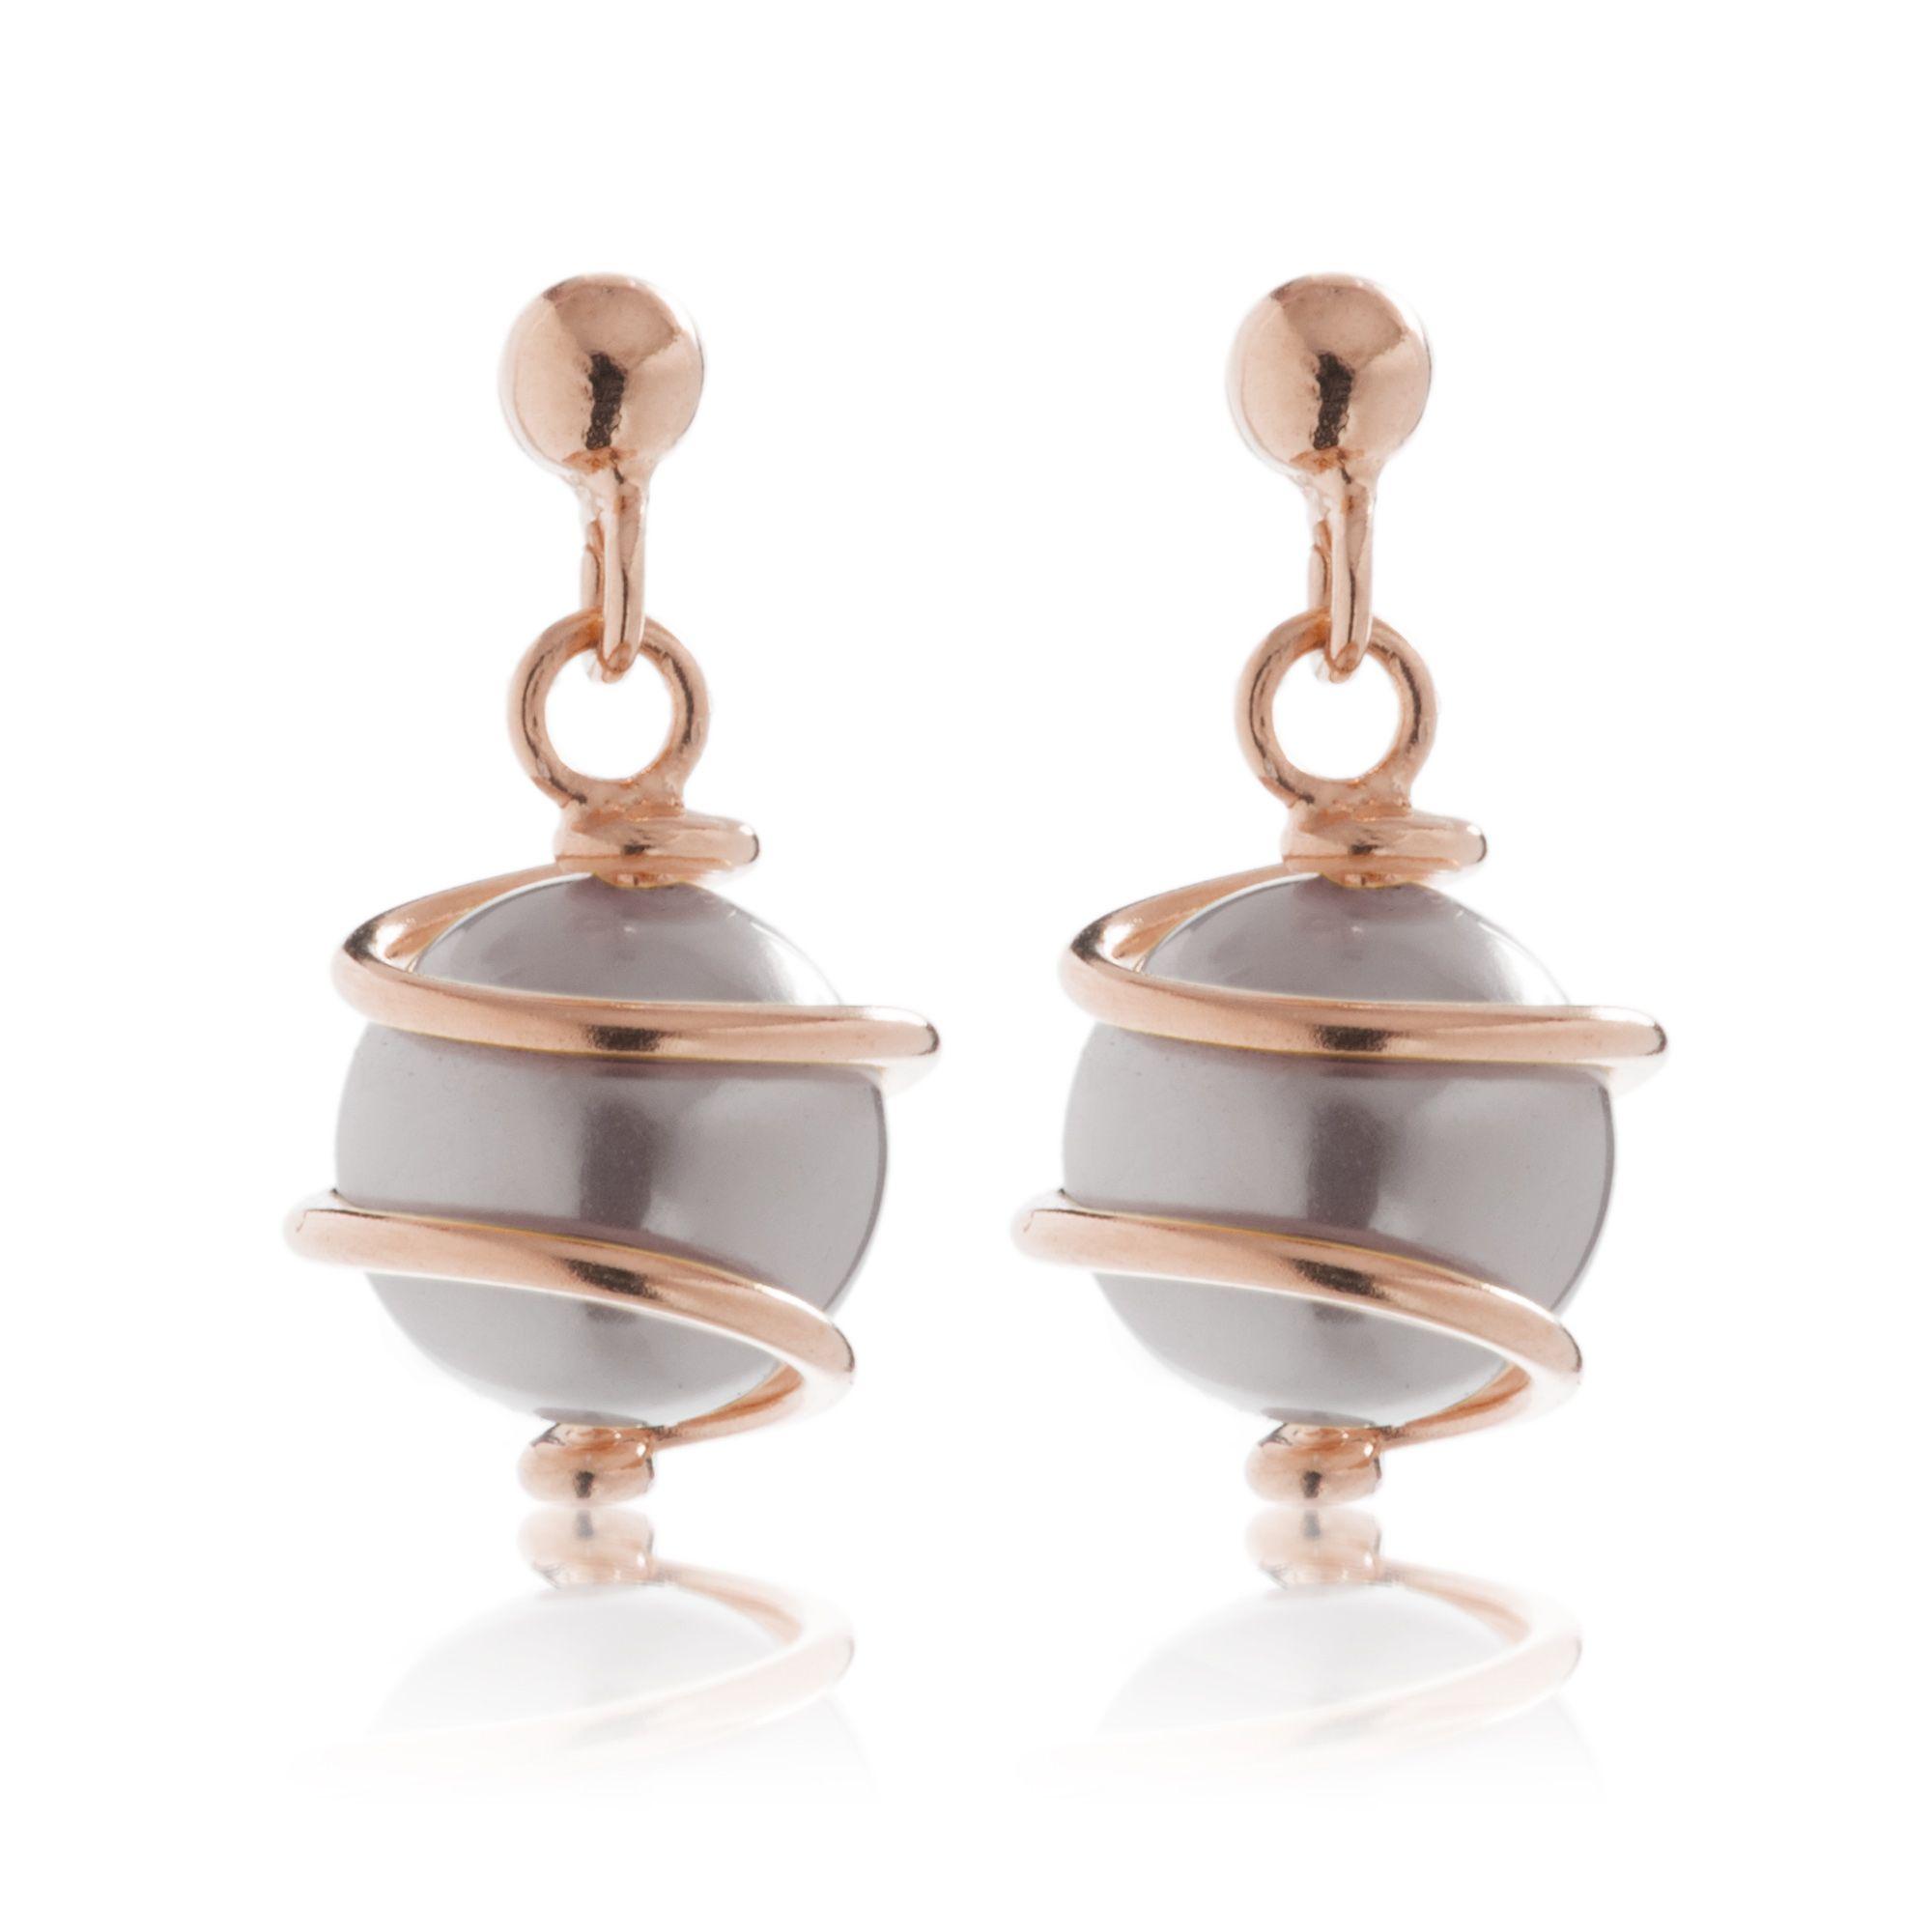 Elder orecchini pendenti in argento 925 con perle in conchiglia qvc italia - Qvc marchi cucina ...